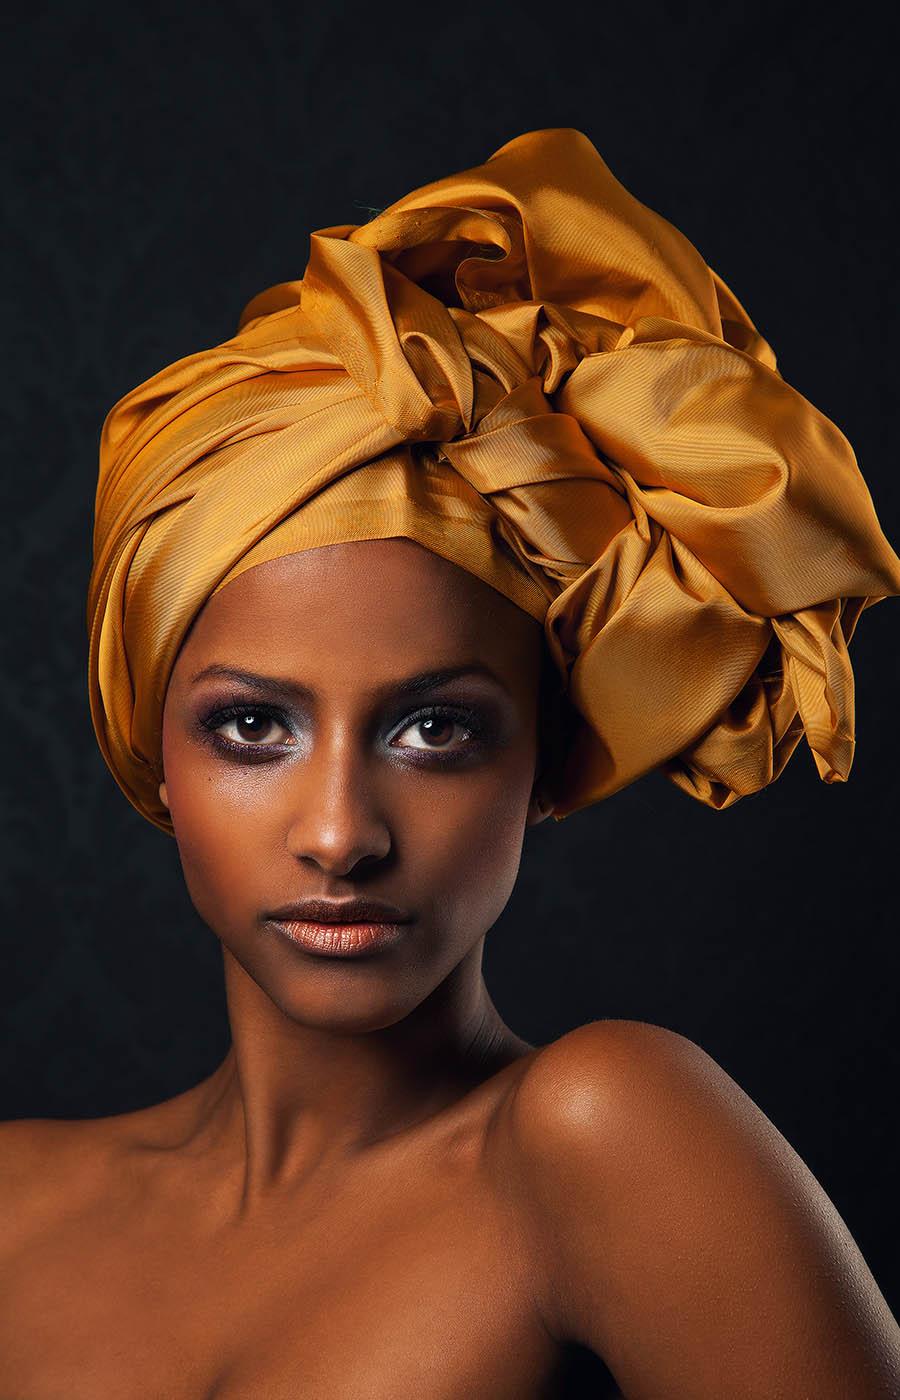 Fotoshooting Beauty  Studioart Photography